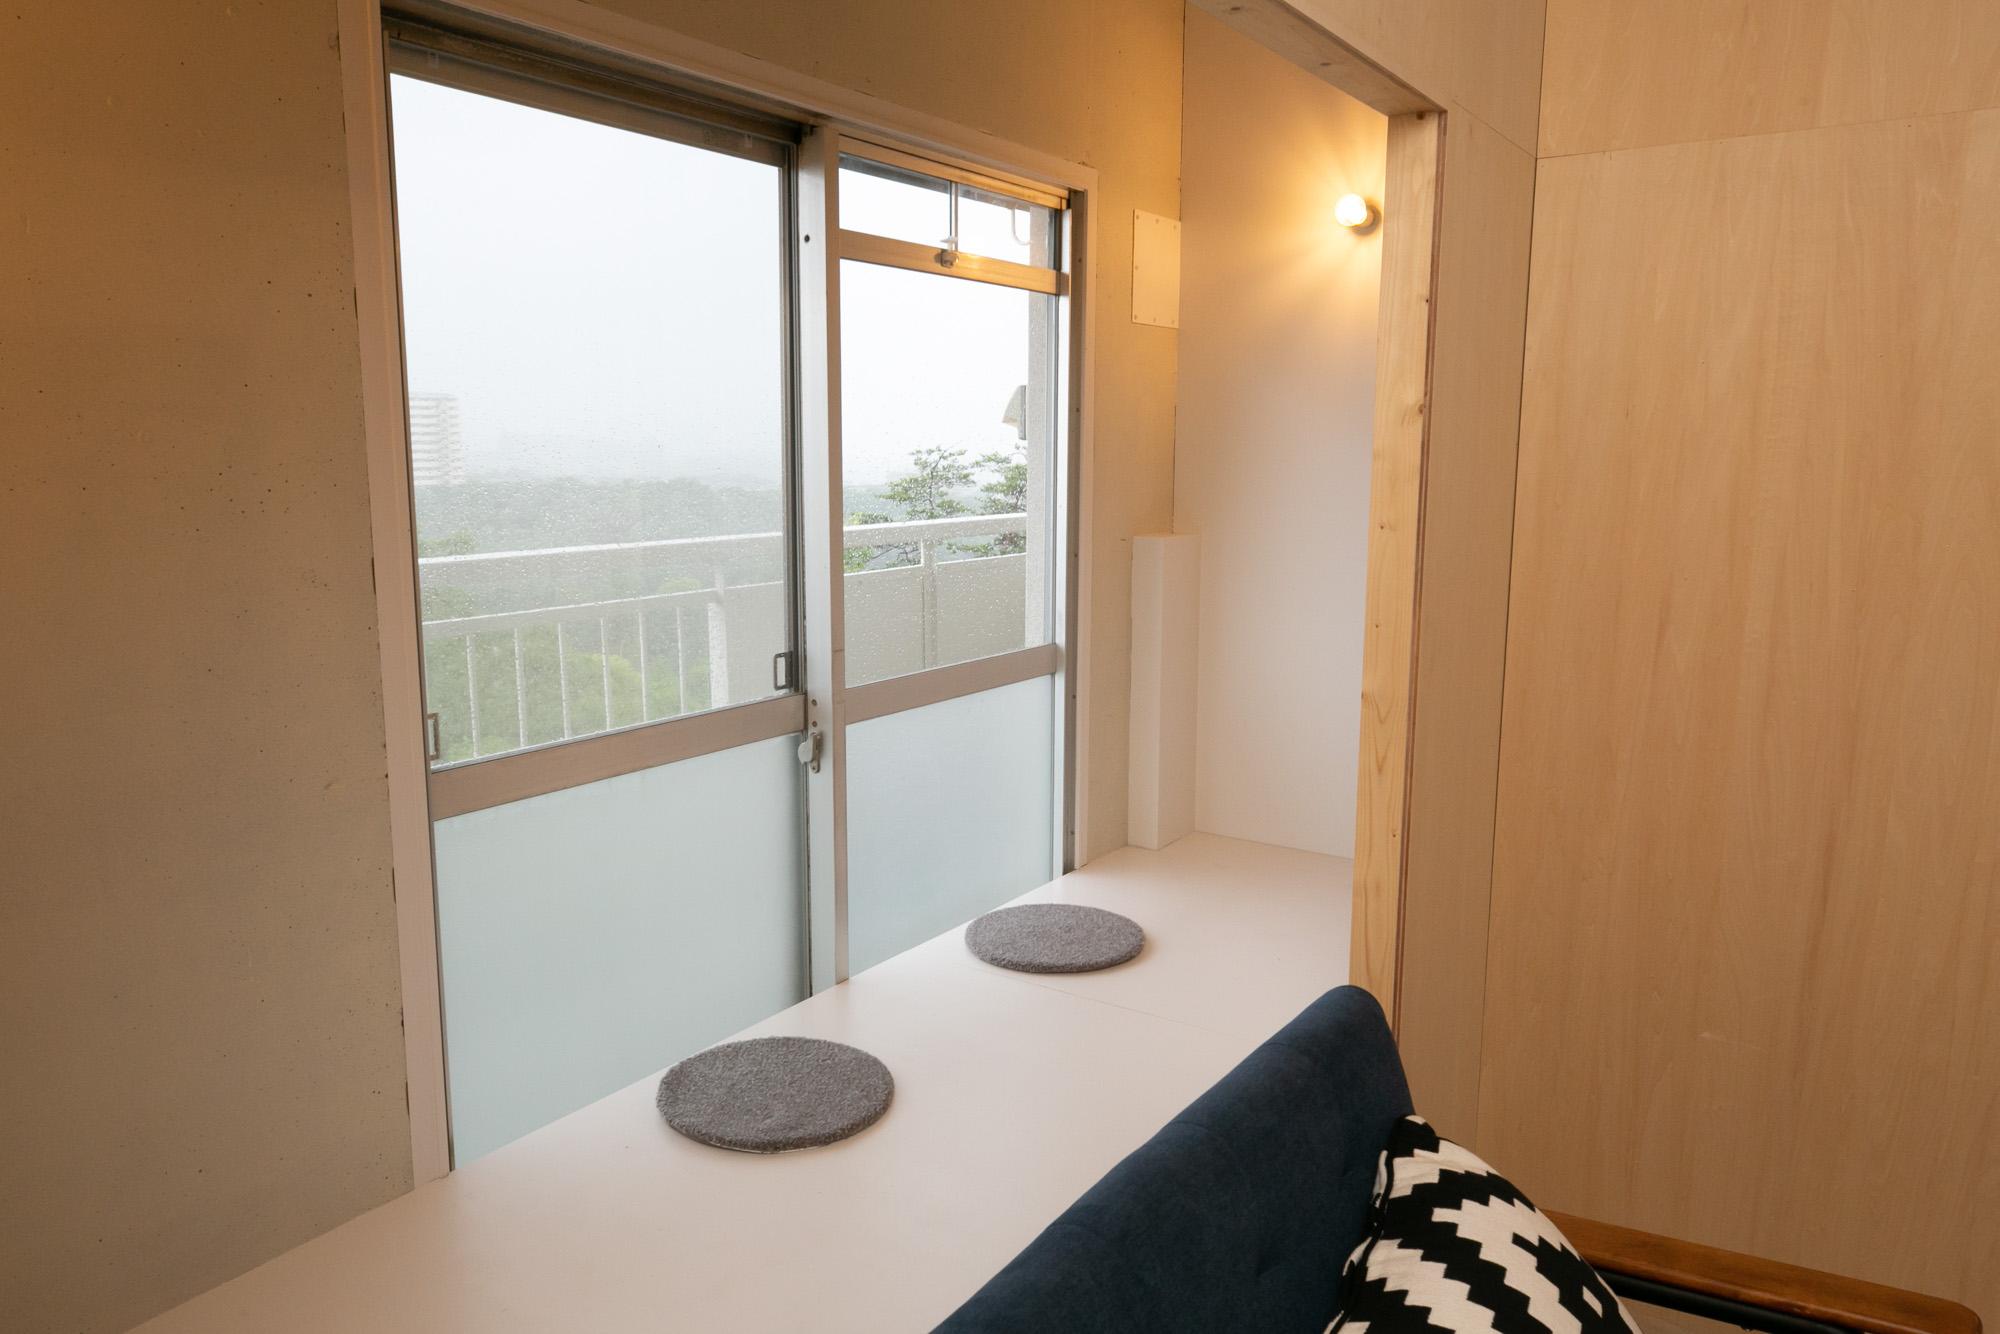 5階のバルコニー側に設けられている「ひだまりテラス」。小上がりになっている床に腰かけて、縁側みたいに使えそうなスポットです。